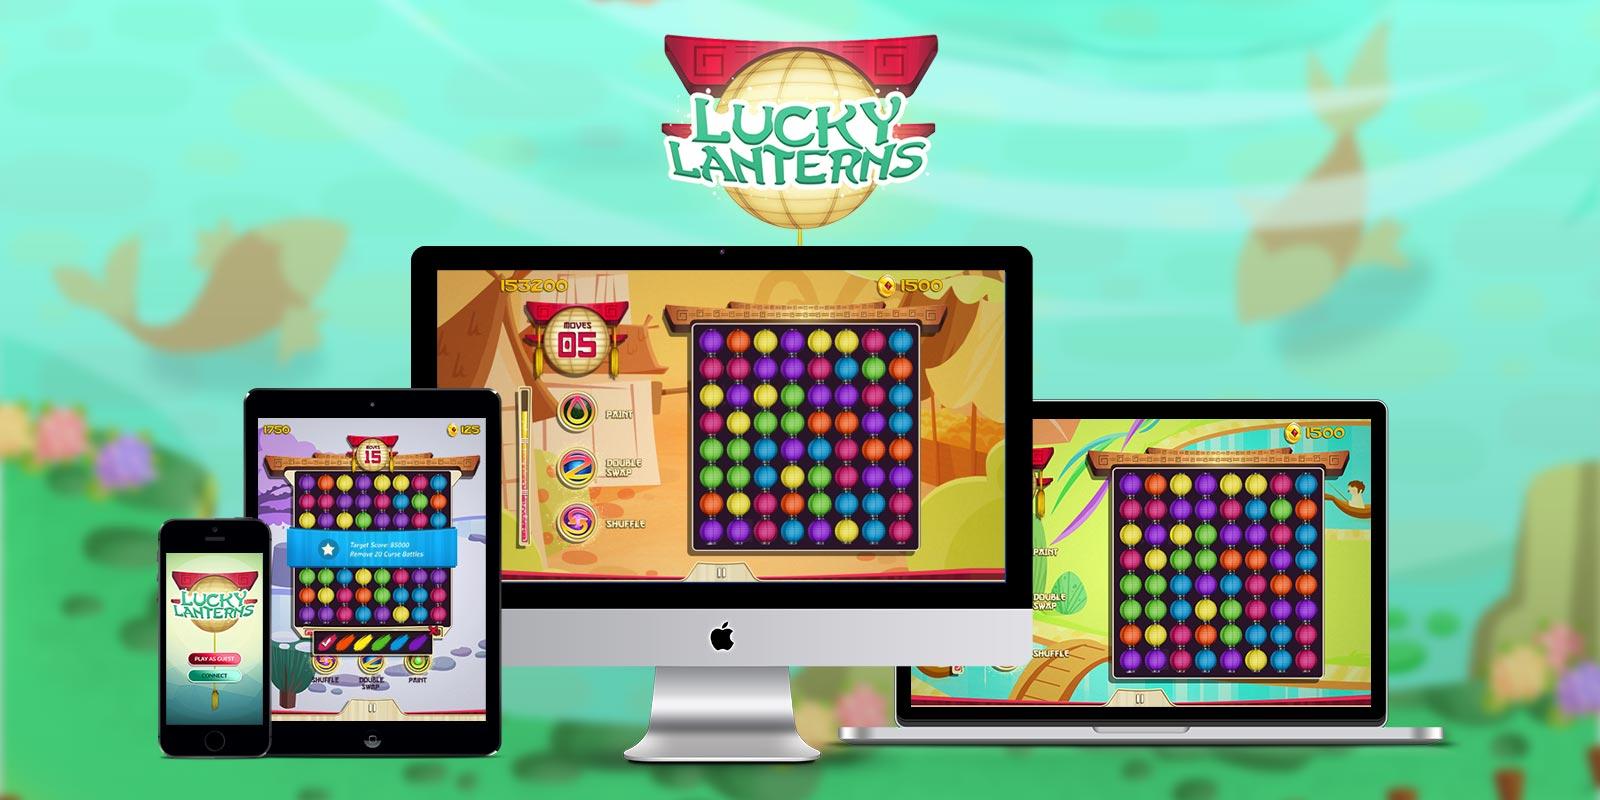 lucky-lanterns